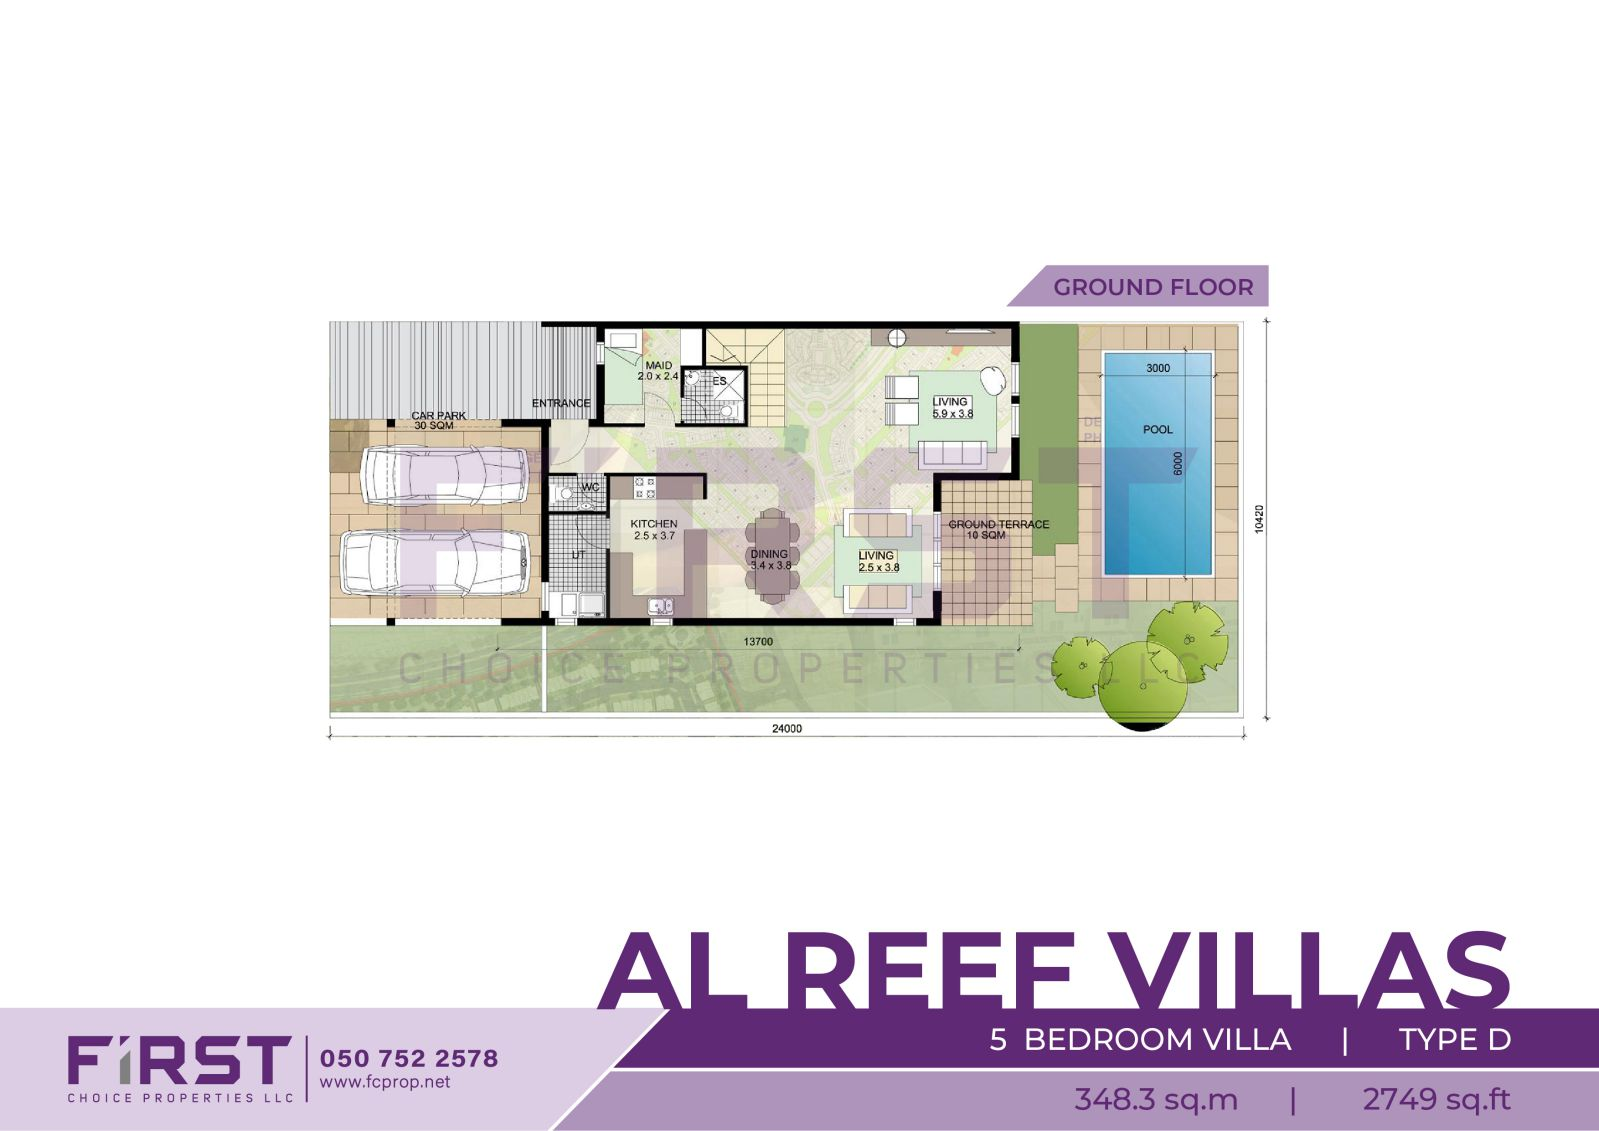 Floor Plan of 5 Bedroom Villa Type D in Al Reef Villas Al Reef Abu Dhabi Abu Dhabi UAE 348.3 sq.m 3749 sq.ft 2.jpg